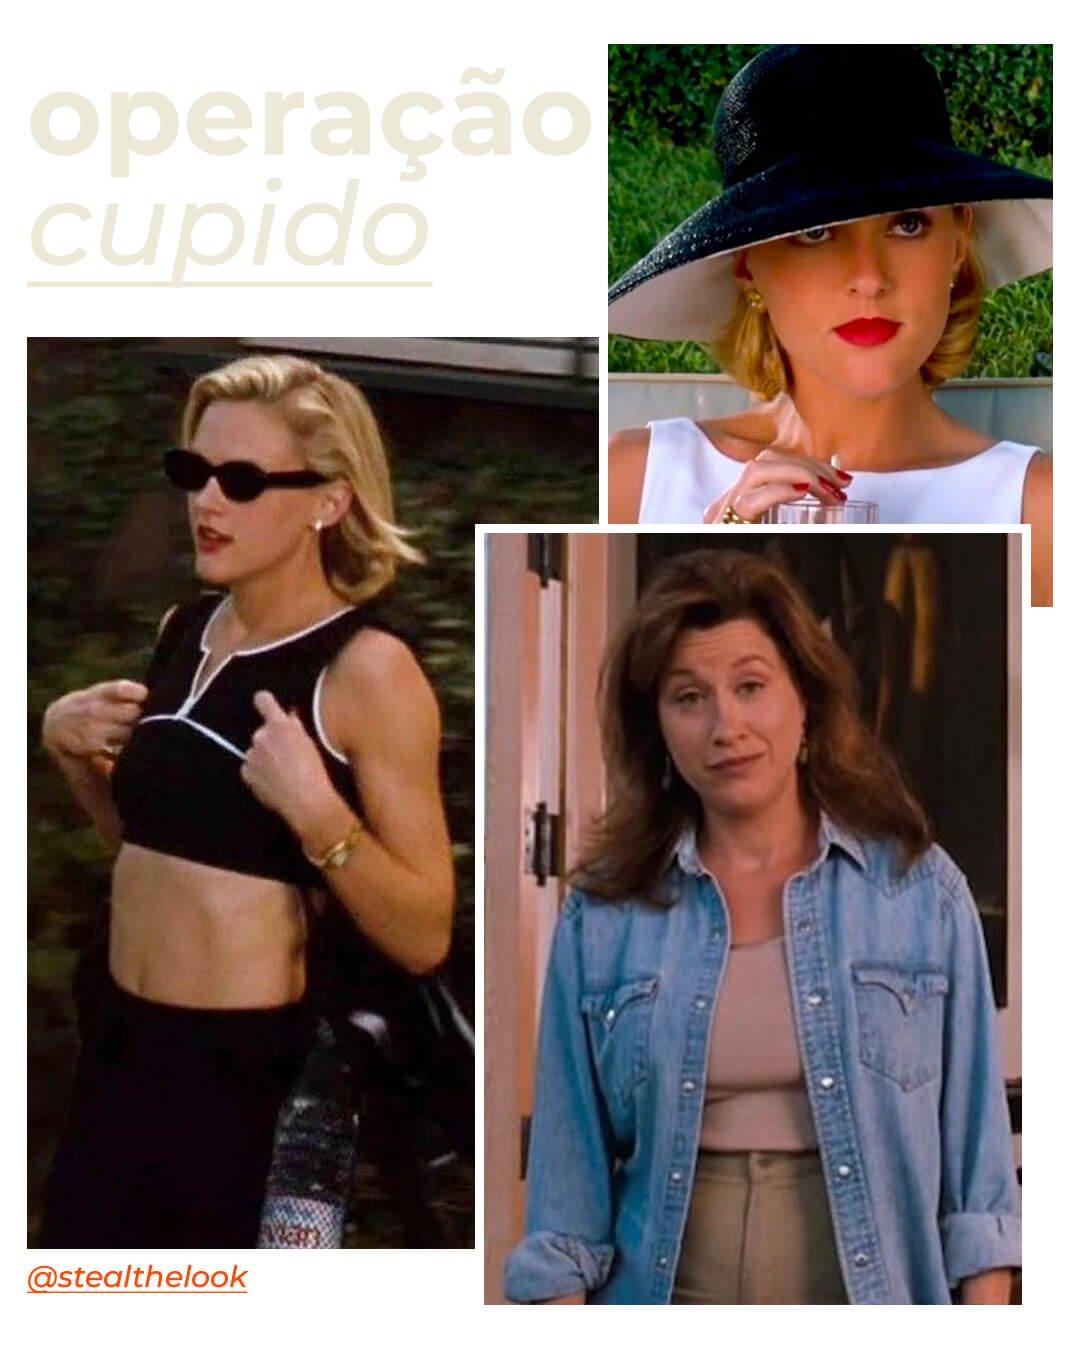 Elaine Hendrix, Lisa Ann Walter - filmes da disney - operação cupido - outono - street style - https://stealthelook.com.br